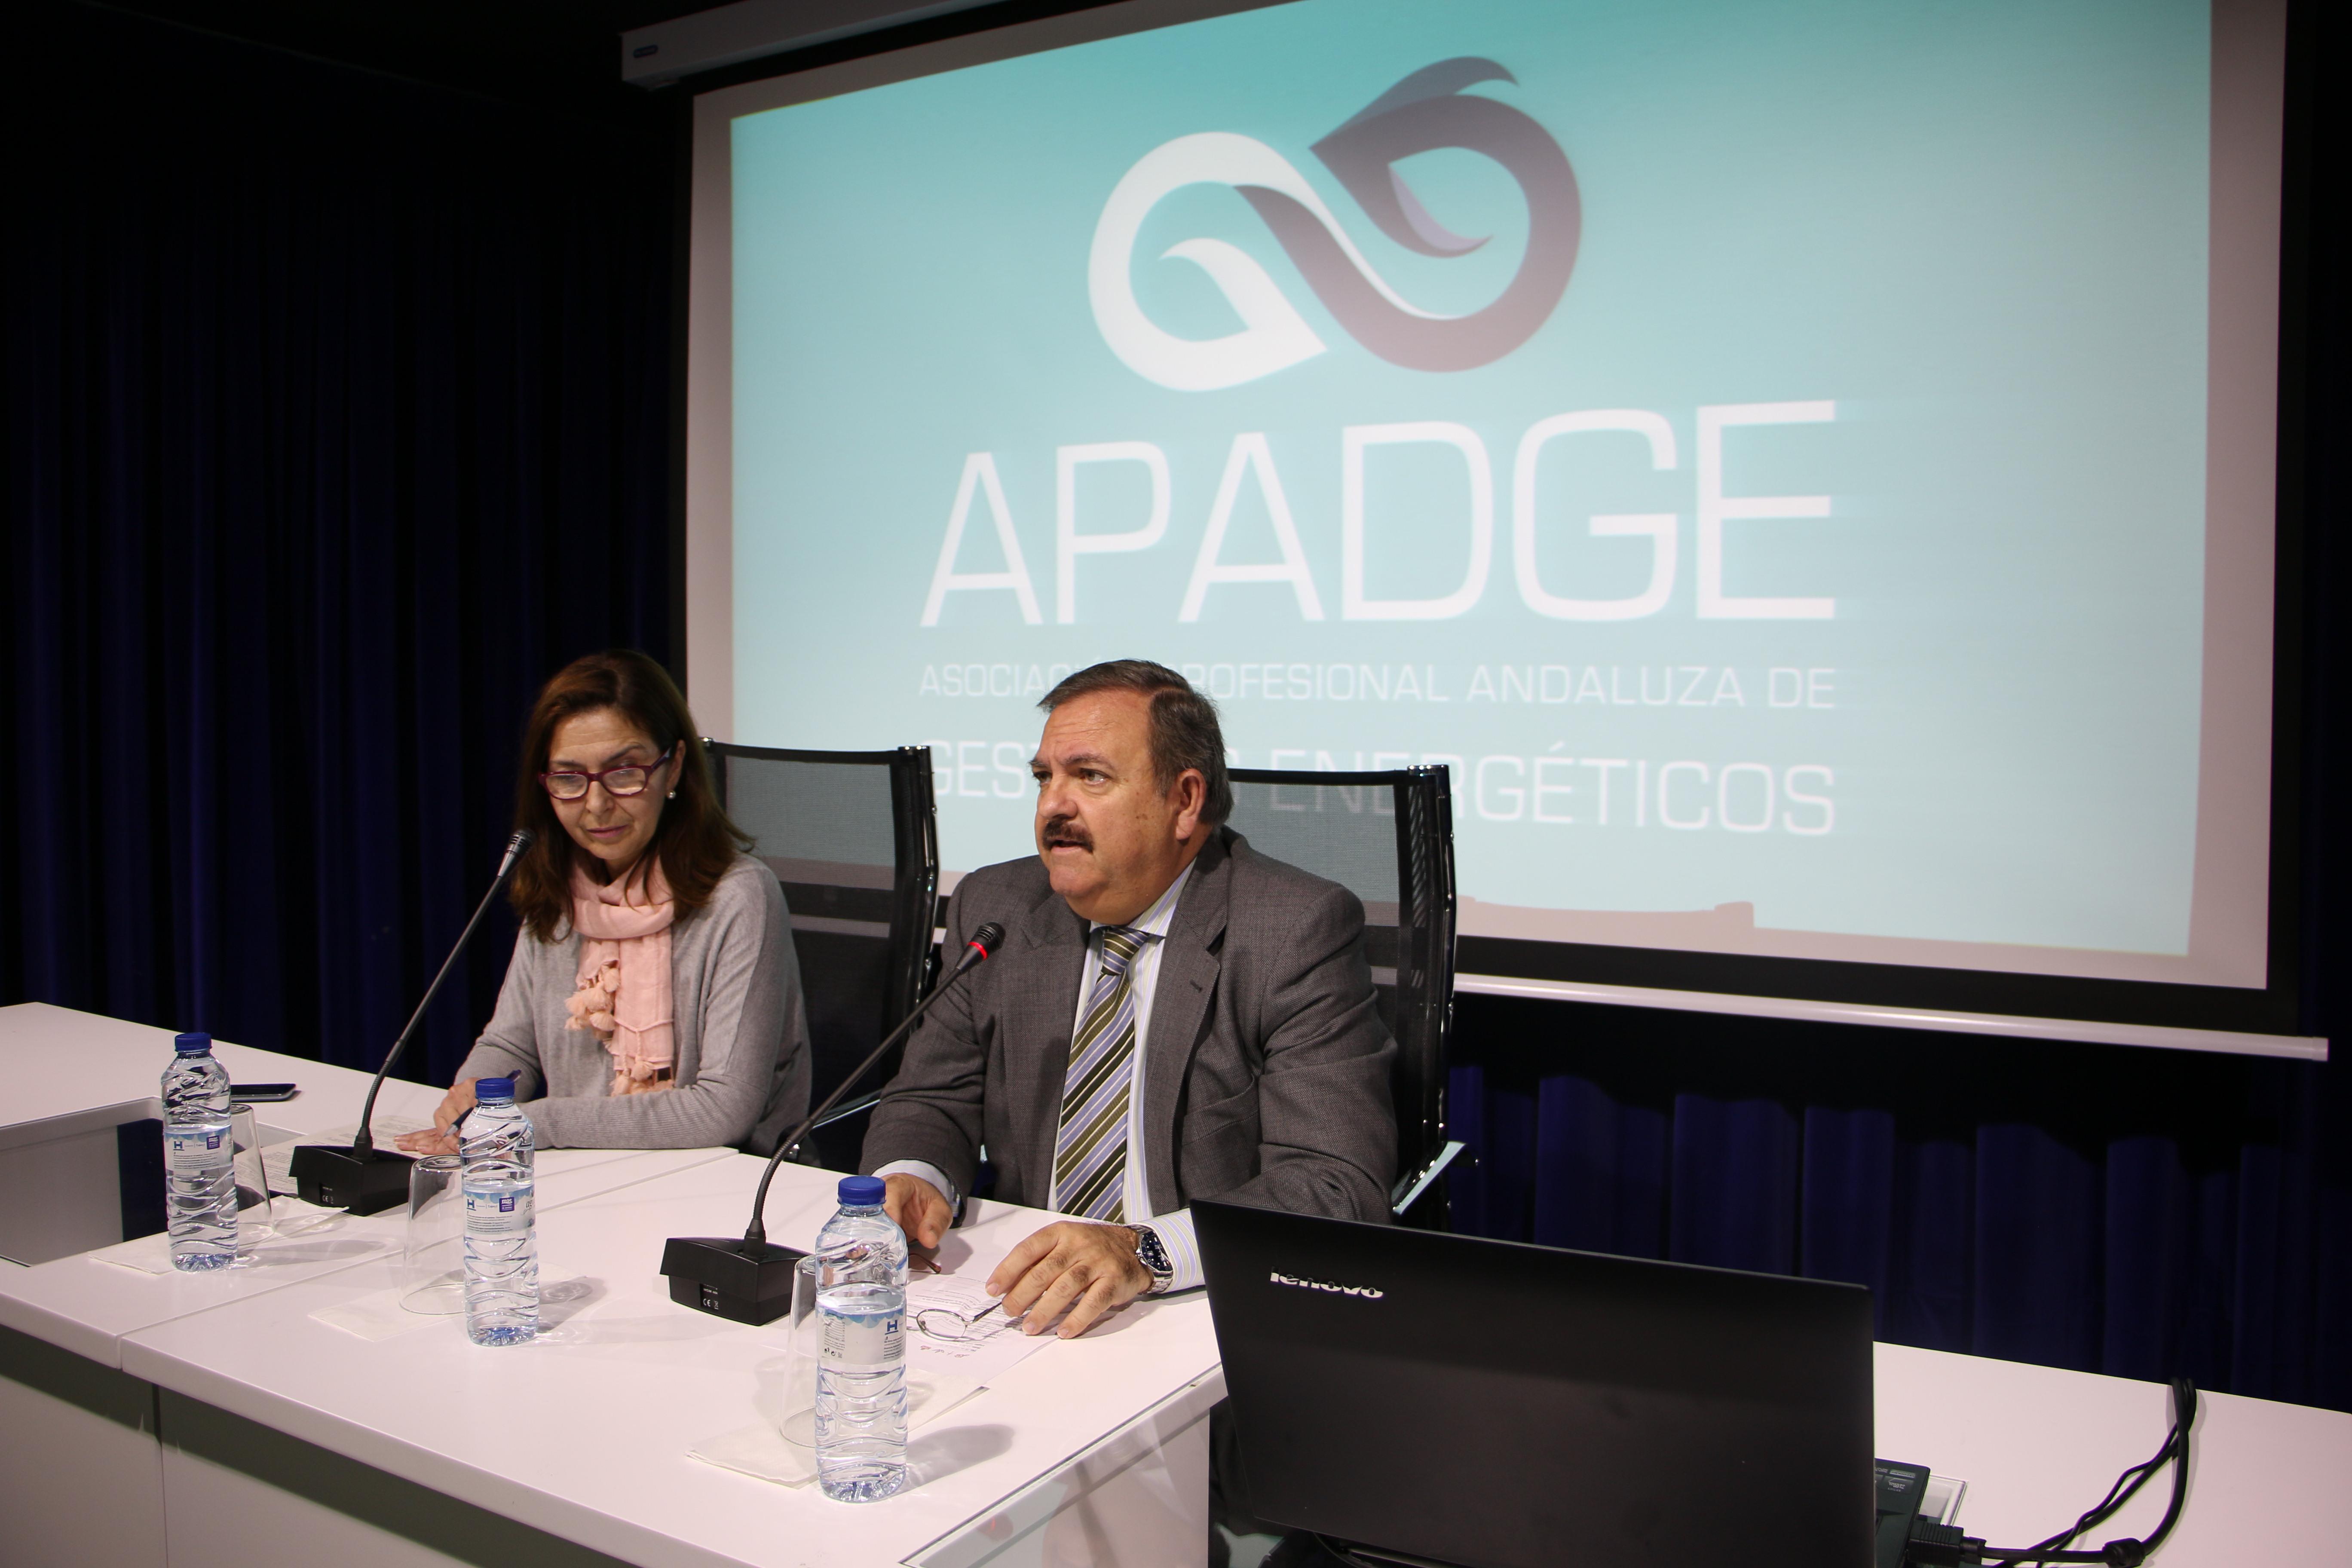 LA PROFESIÓN DE GESTOR ENERGÉTICO PODRÍA GENERAR 12.500 PUESTOS DE TRABAJO EN HUELVA HASTA 2030